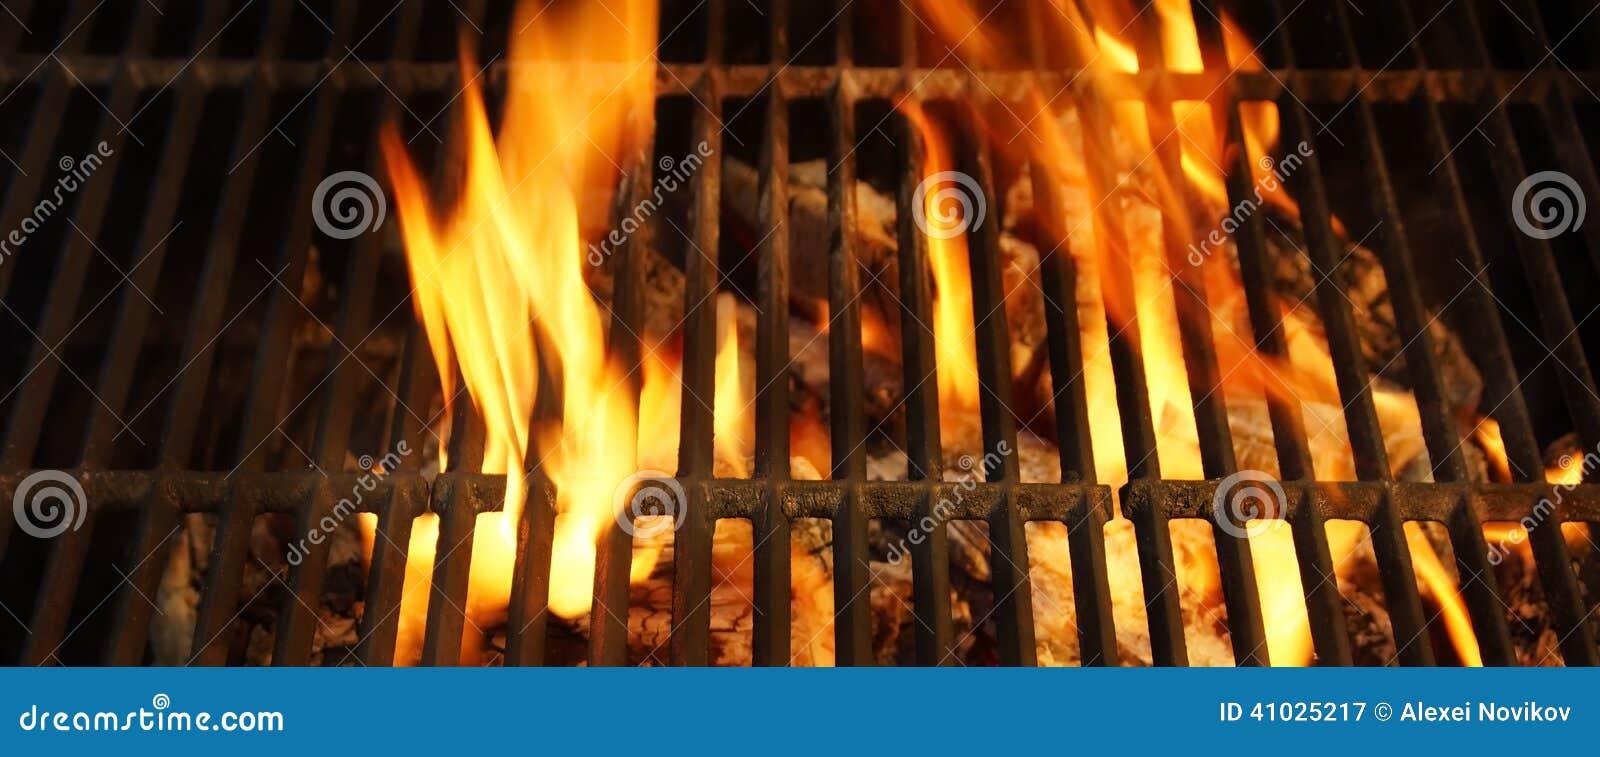 Hete BBQ Grill, Heldere Vlammen en Brandende Steenkolen